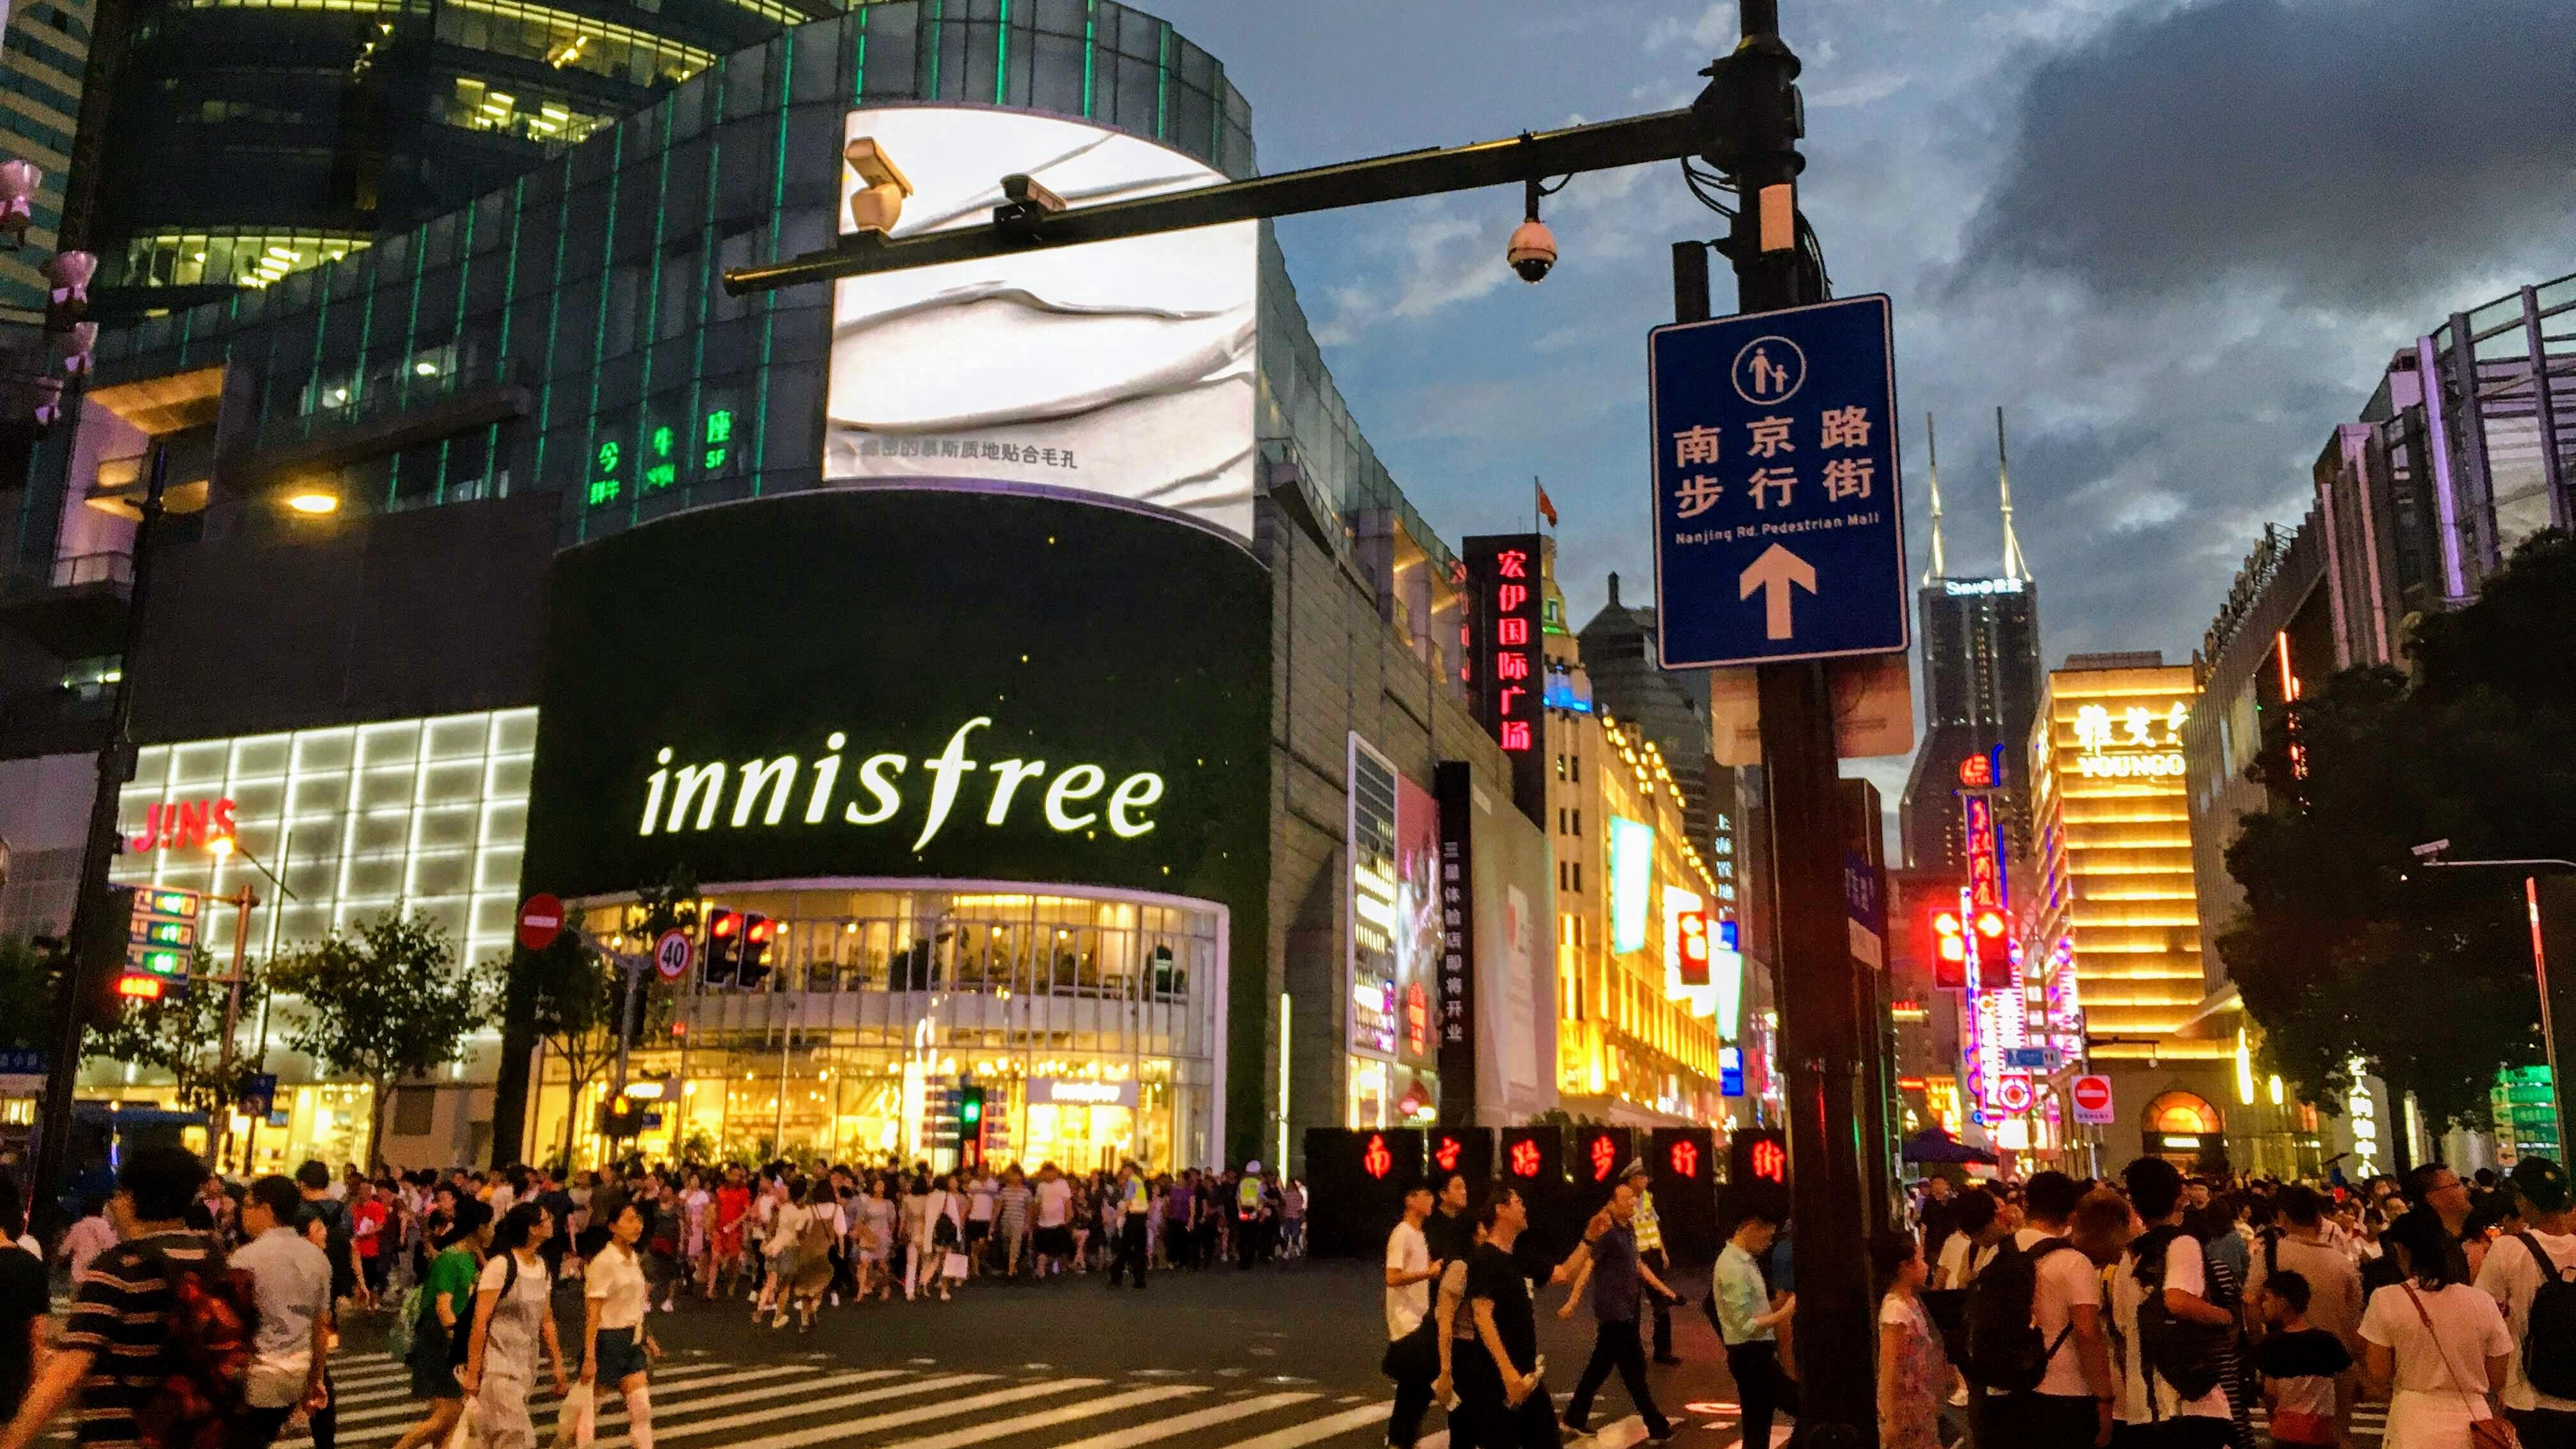 南京路步行街Innisfree